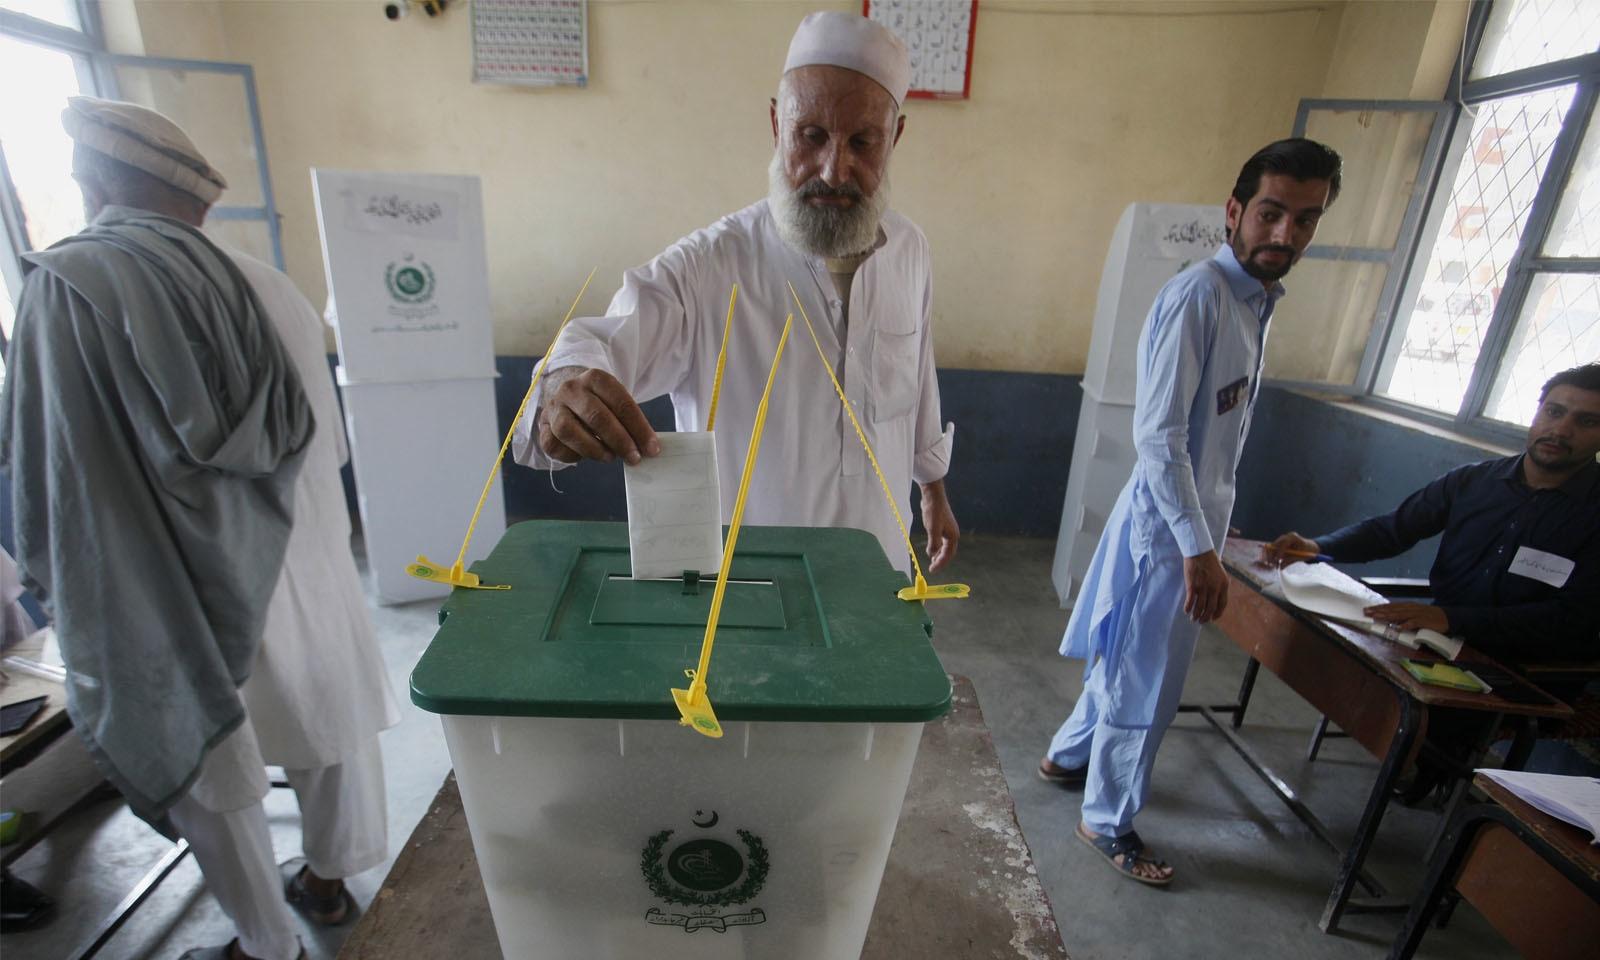 ضلع خیبر کے پولنگ اسٹیشن میں ایک بزرگ شہری اپنا ووٹ کاسٹ کررہے ہیں—فوٹو: اے پی